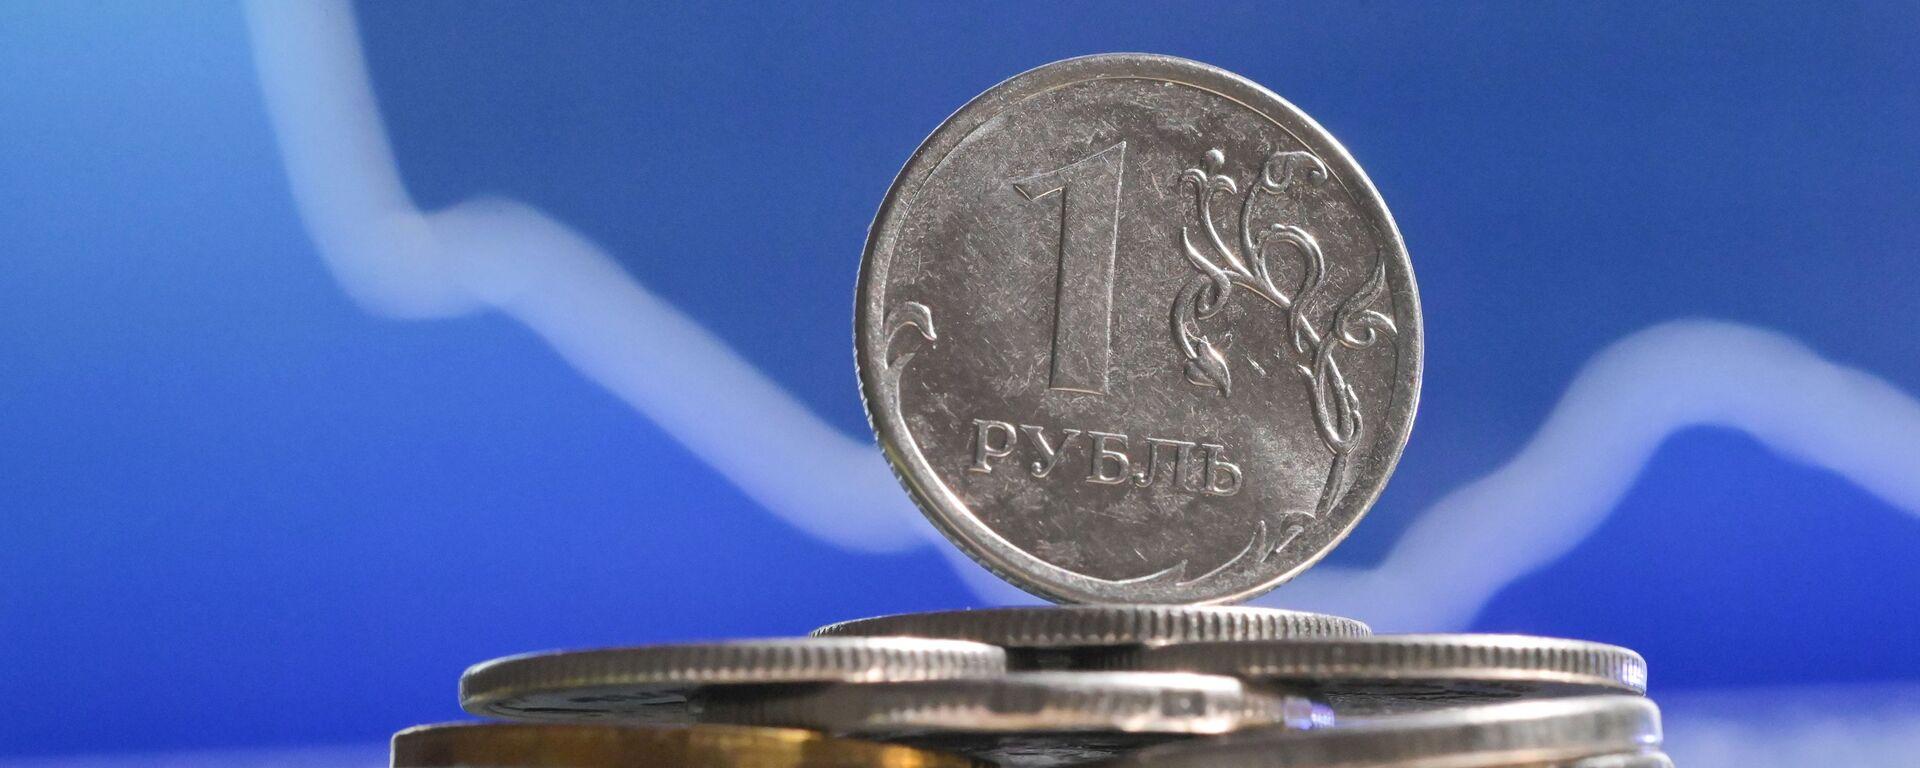 Монеты номиналом один рубль. - Sputnik Аҧсны, 1920, 08.10.2021